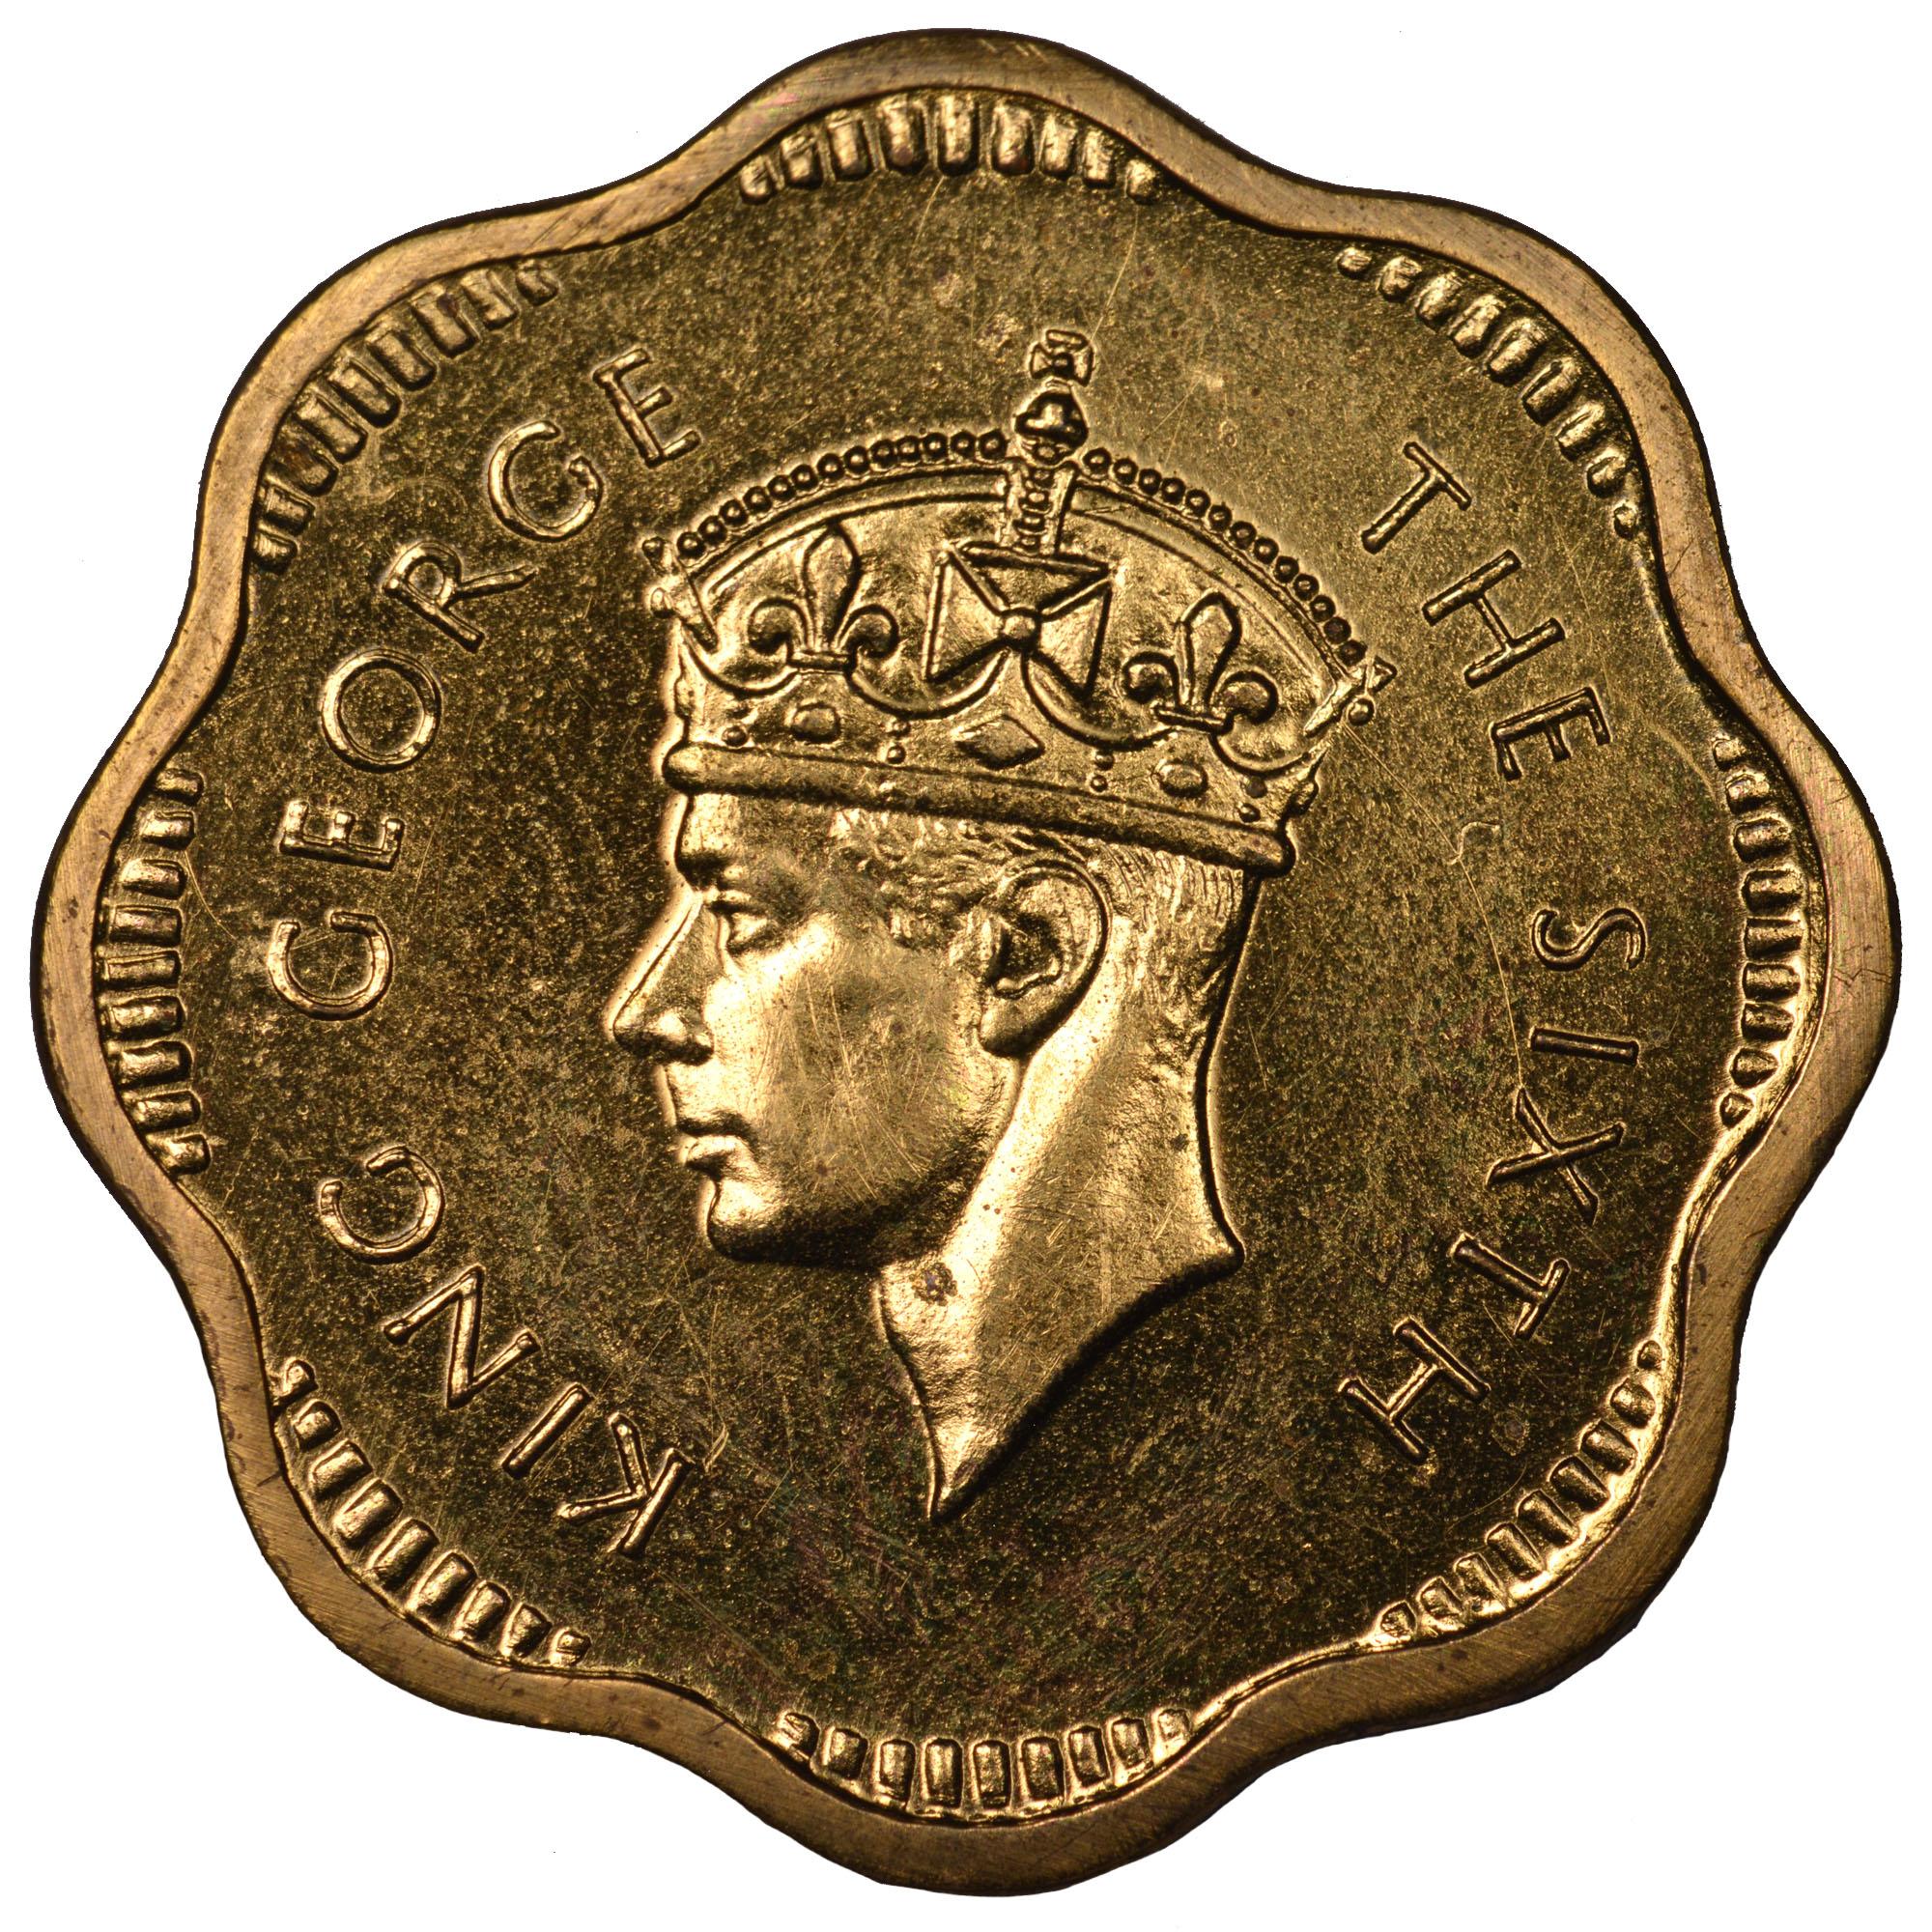 1951 Ceylon 2 Cents obverse